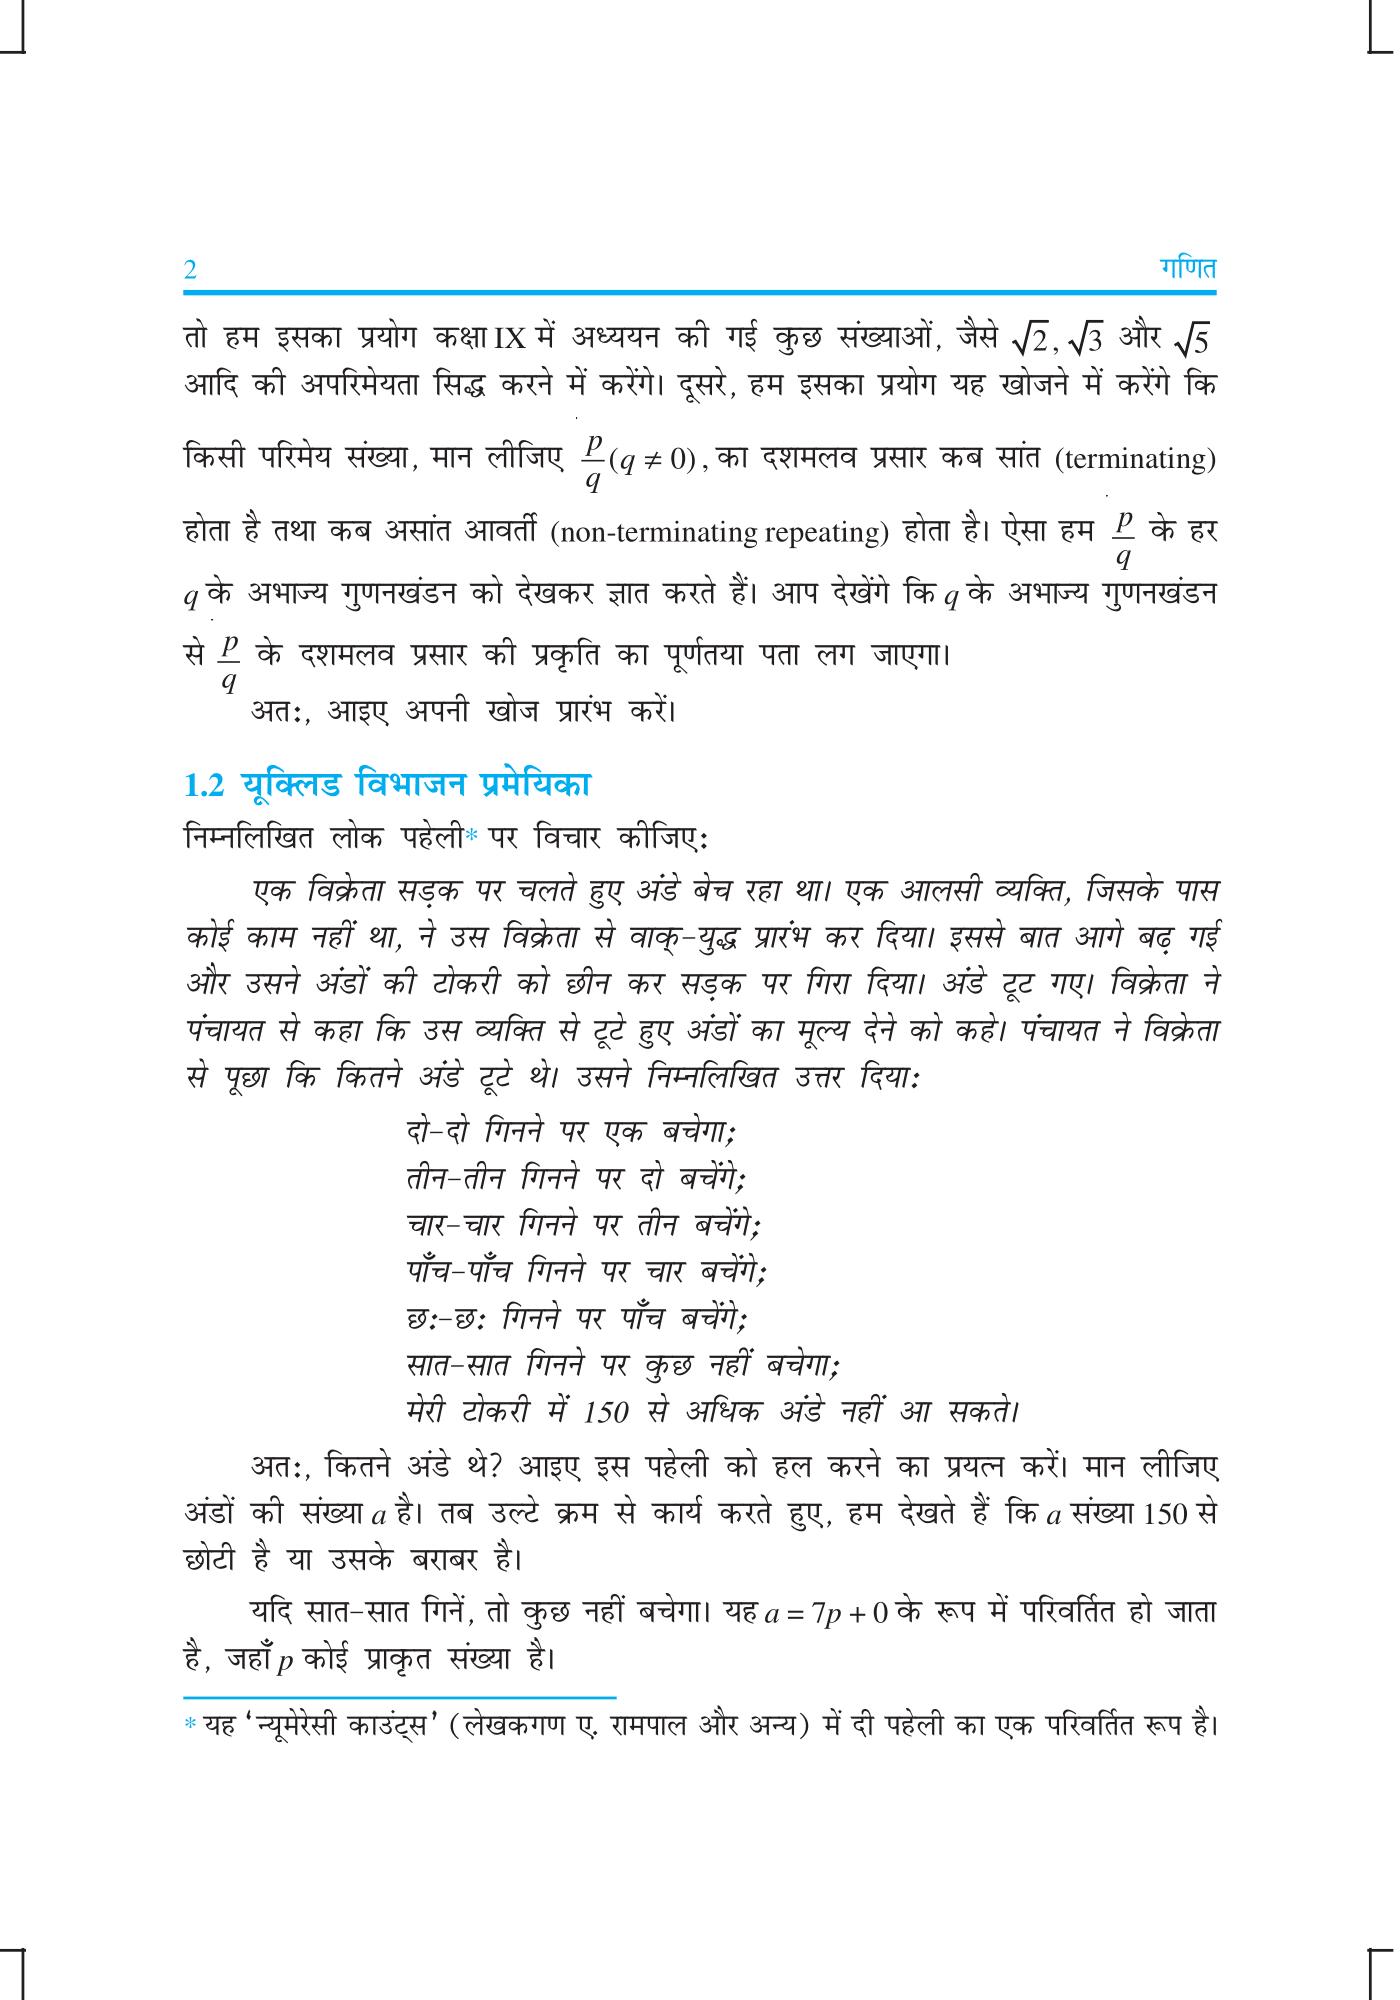 कक्षा 10 गणित अध्याय 1 एनसीईआरटी